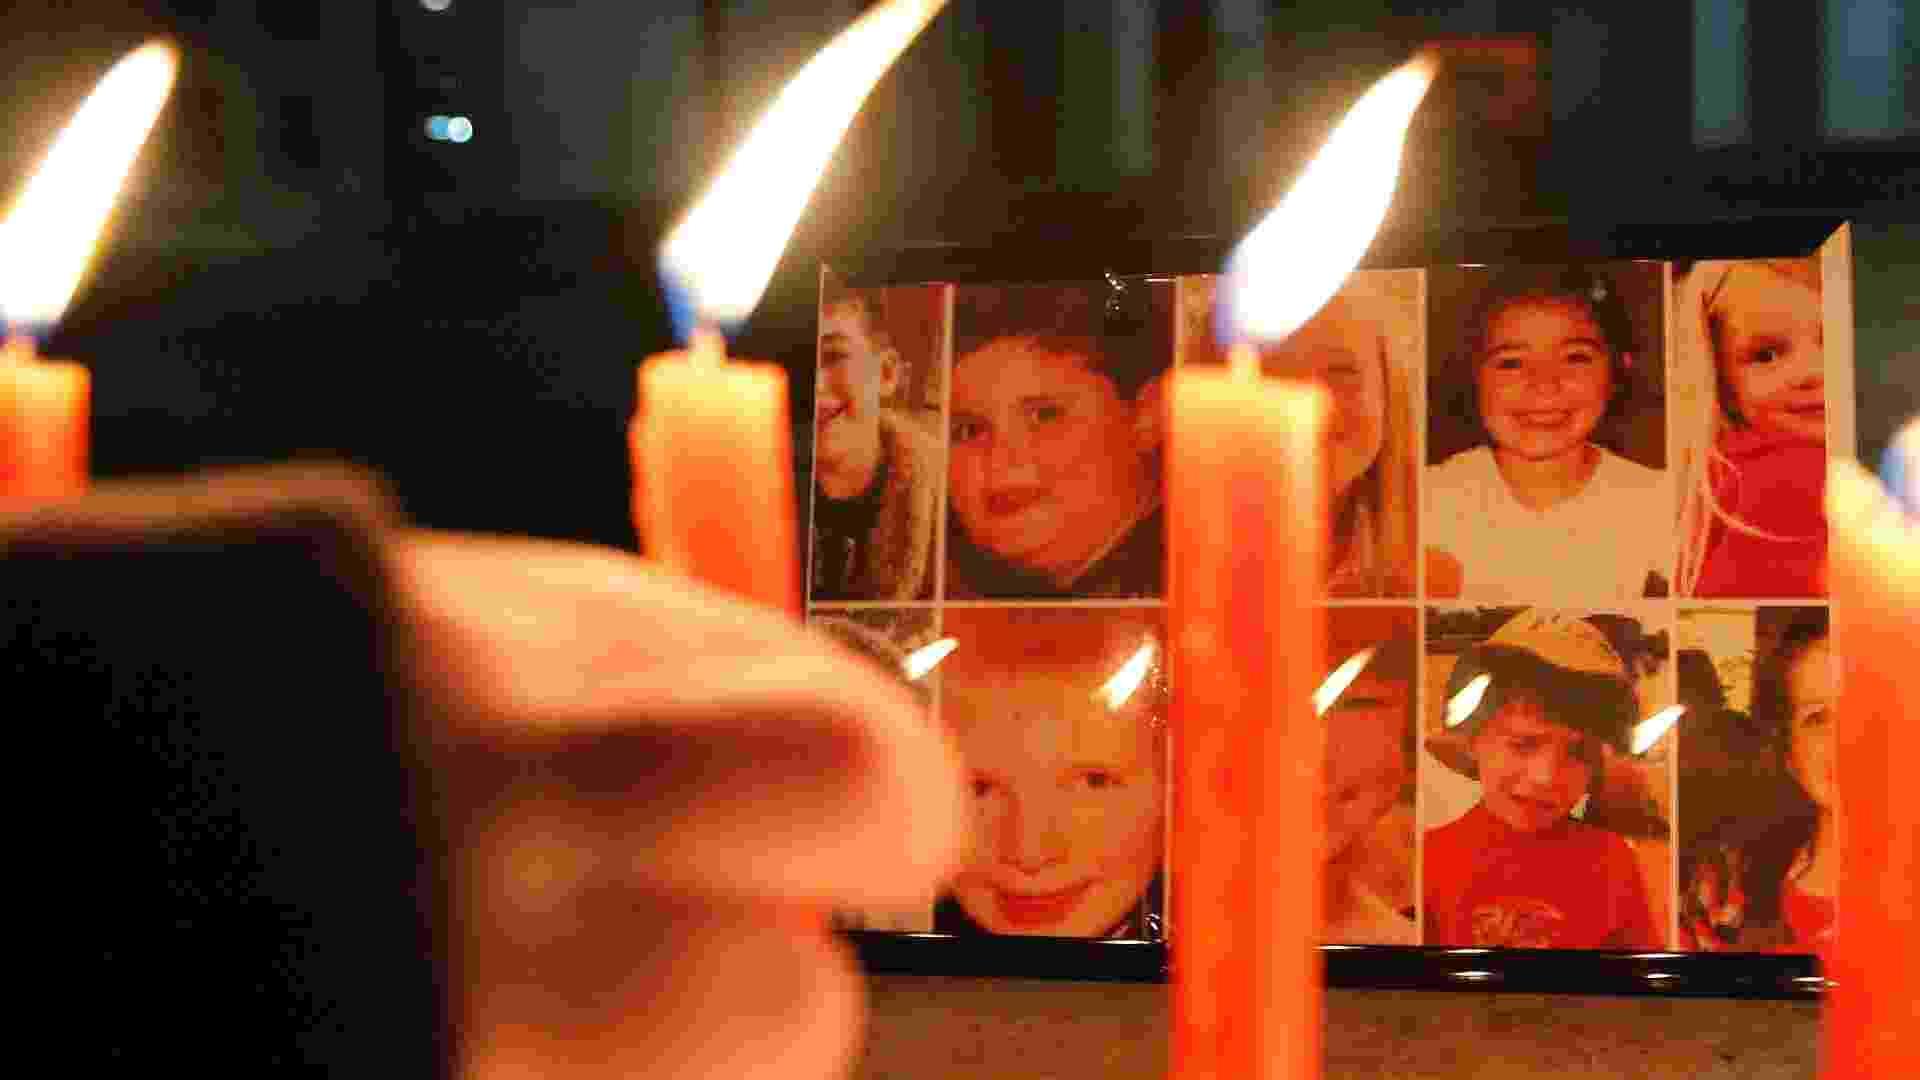 17.dez.2012 - Menino acende velas para homenagear as vítimas do tiroteio da Escola Primária Sandy Hook - Arben Celi/Reuters